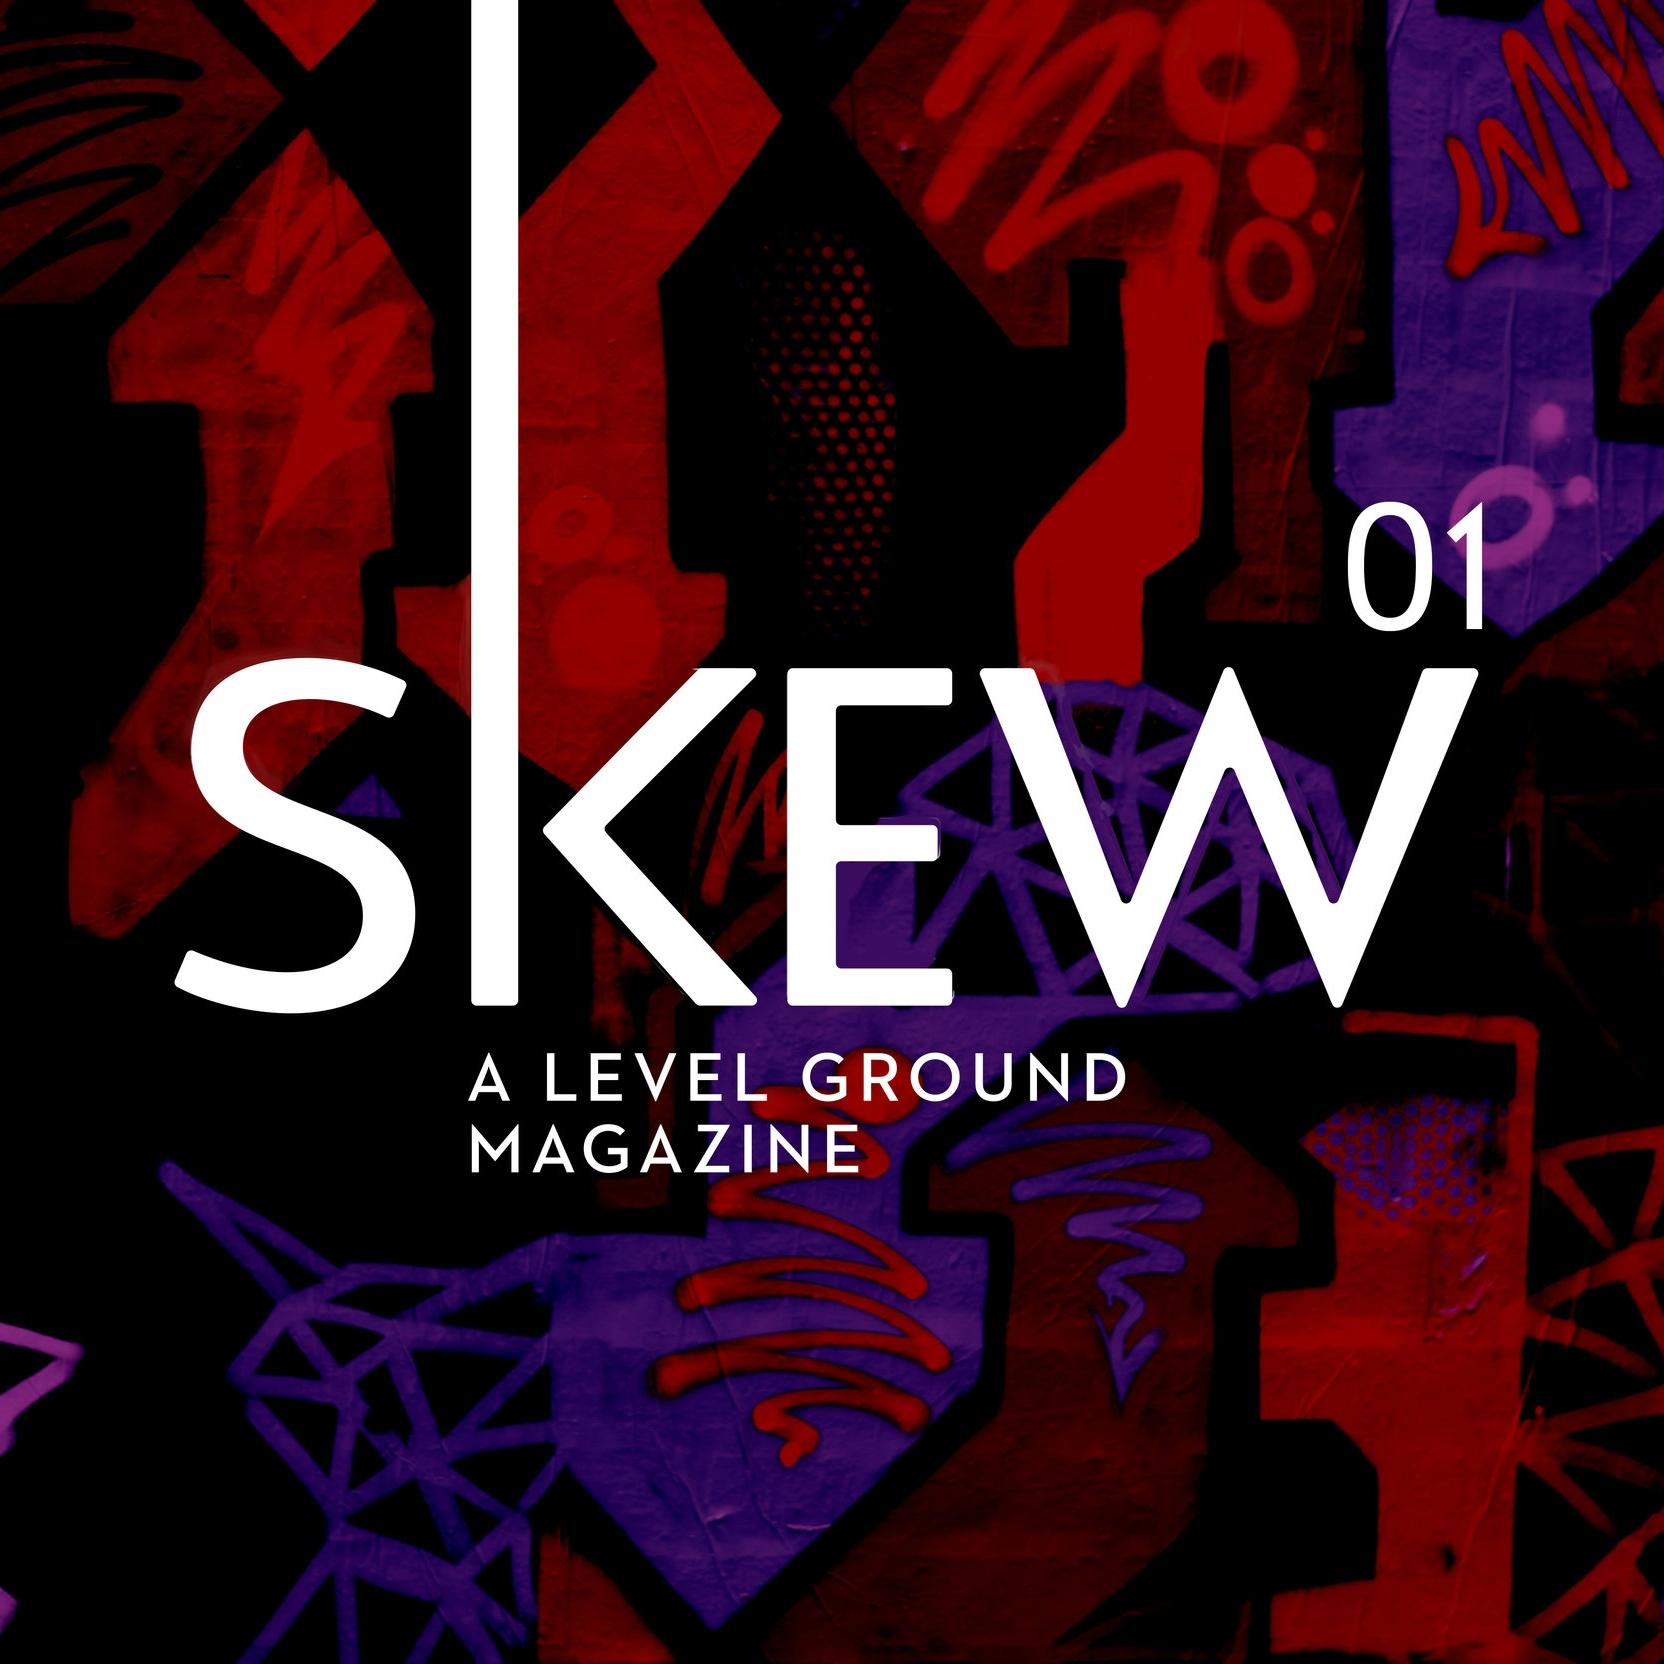 skew-march-cover.jpg